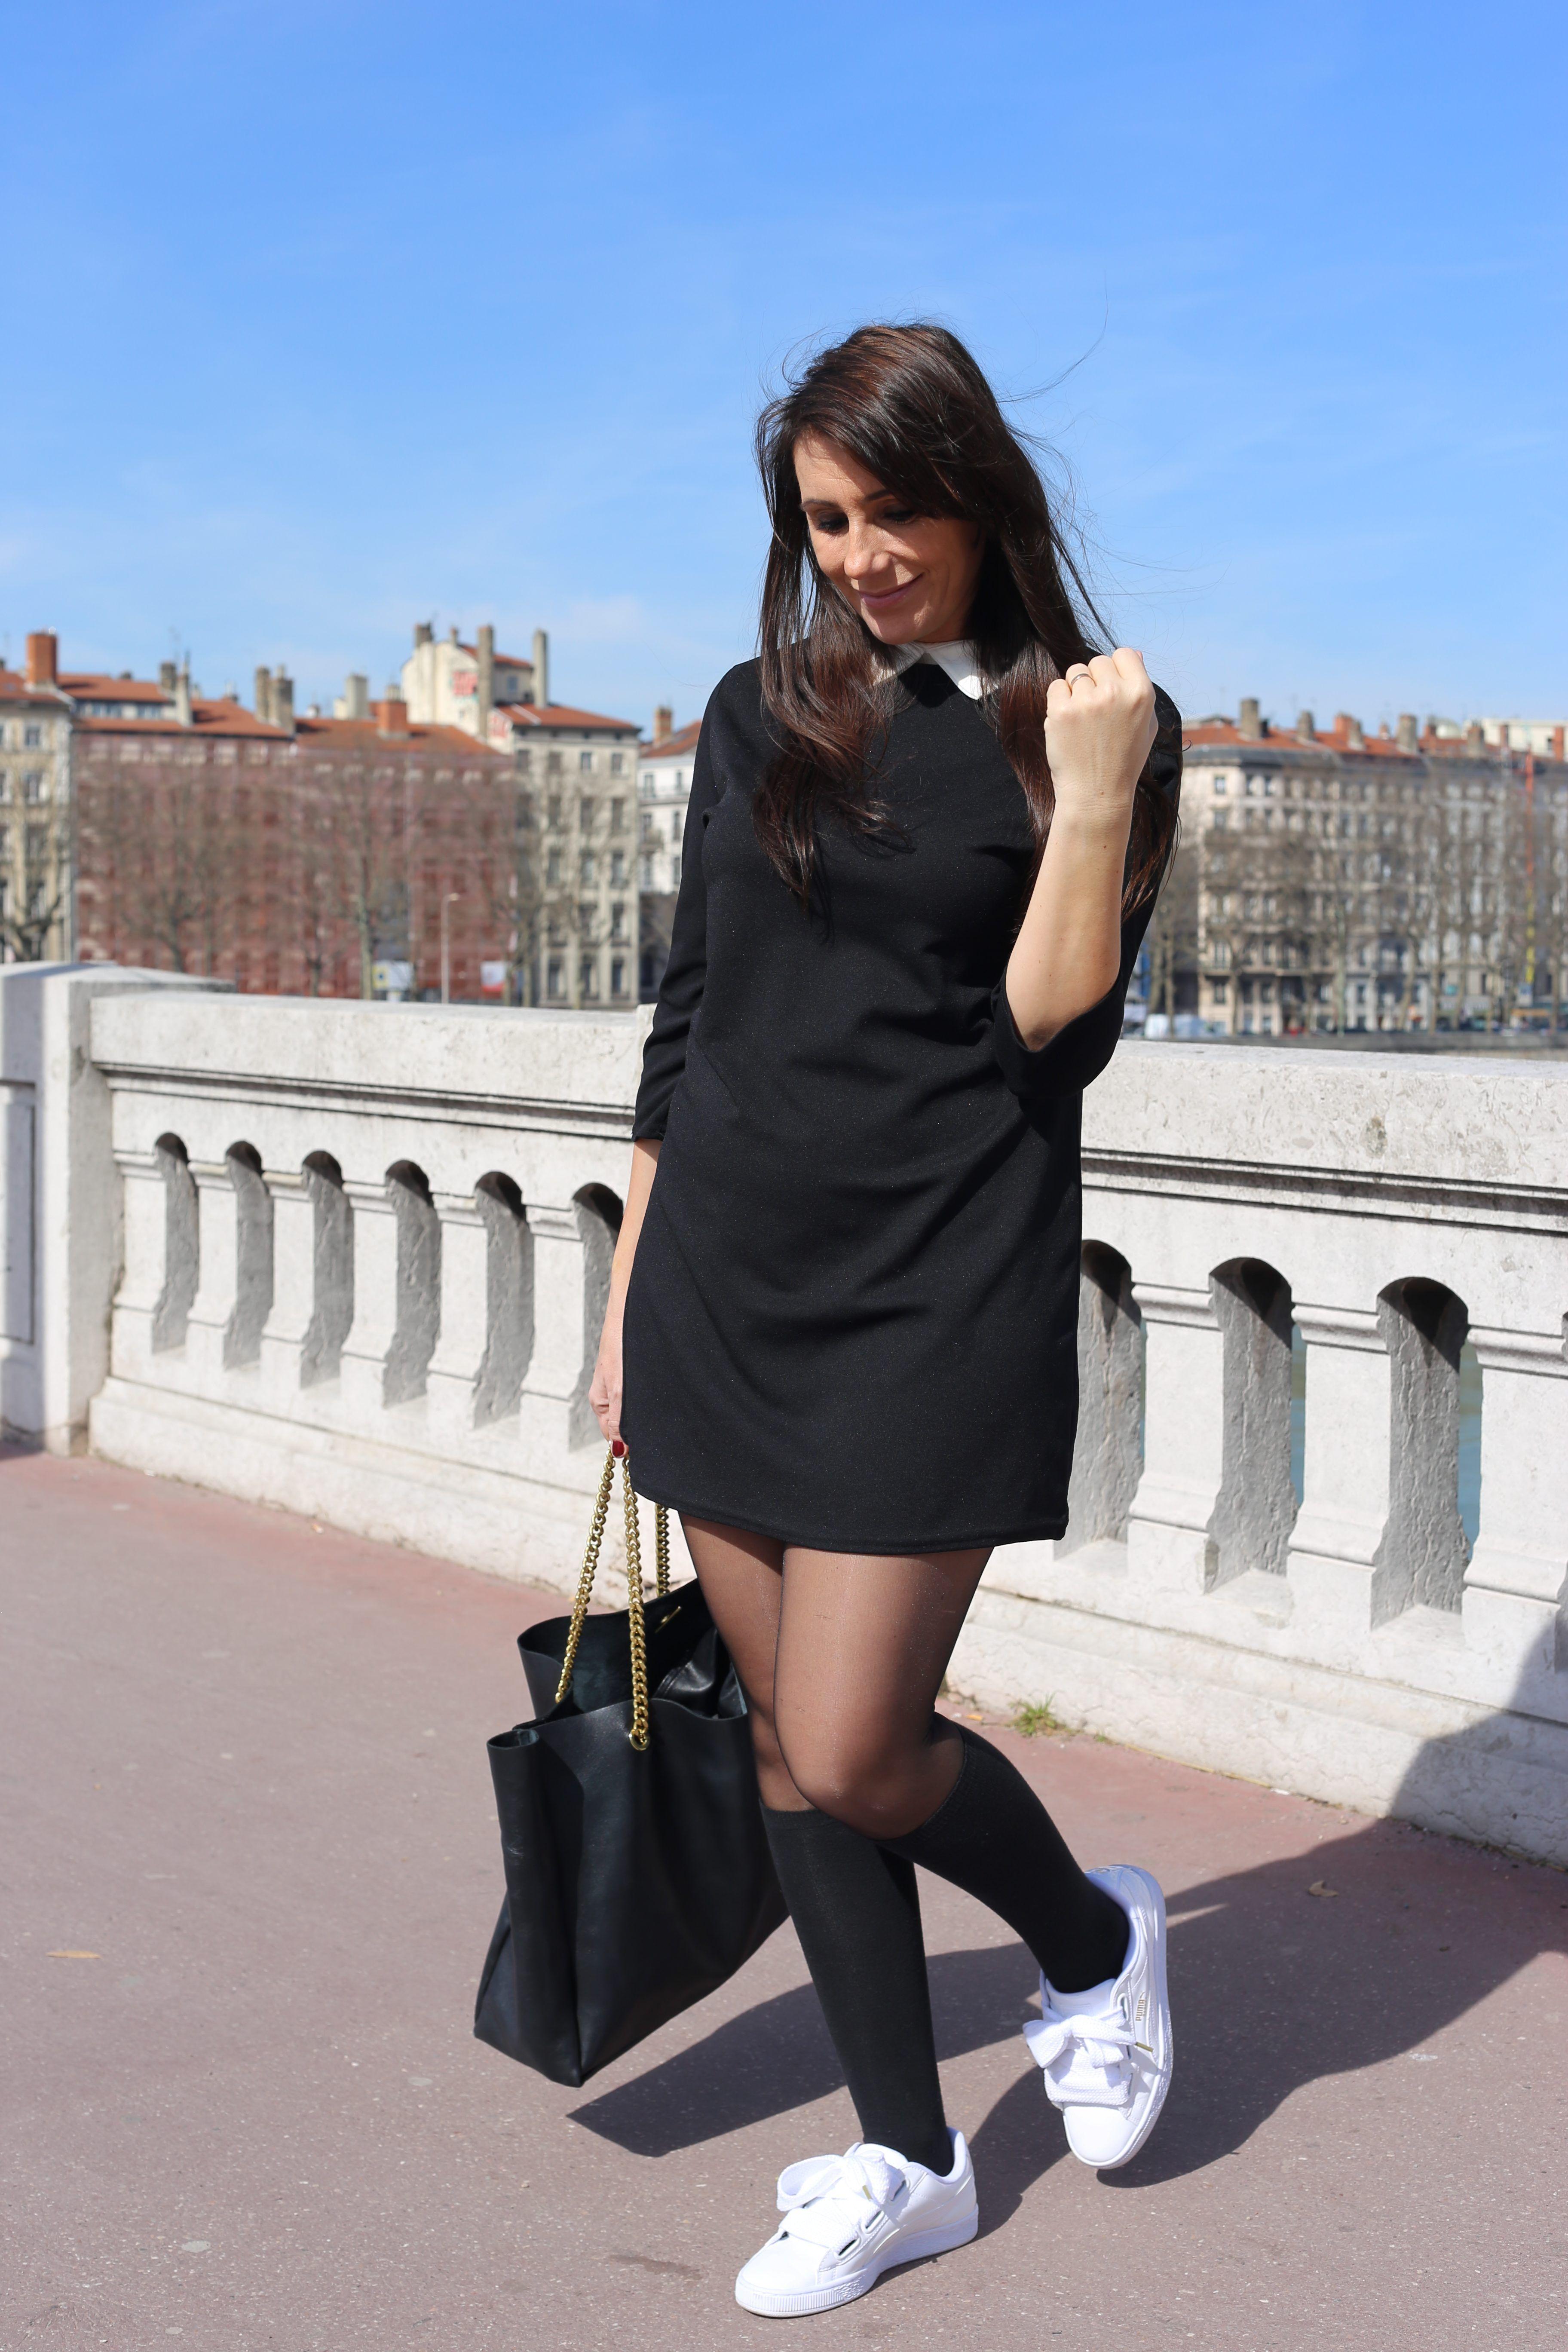 La tendance du moment ? La petite robe noire col